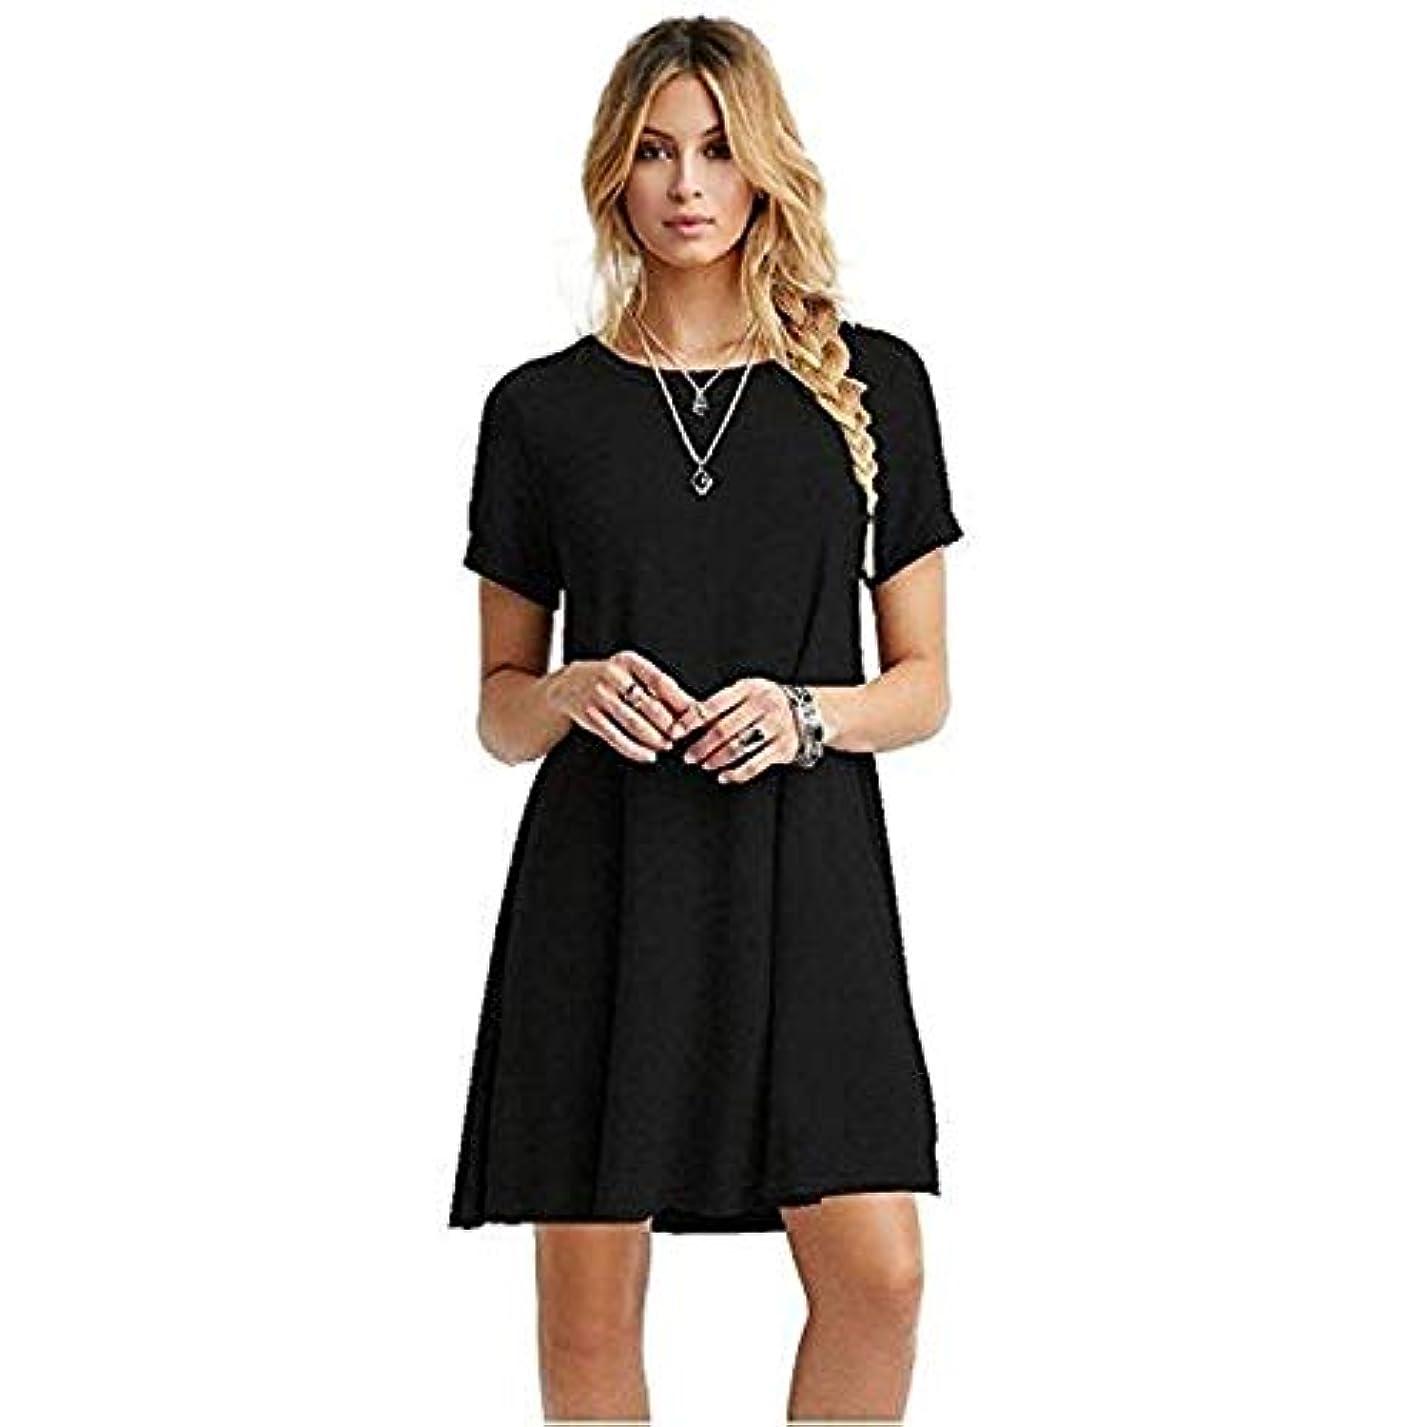 トライアスロン段階アレルギーMIFAN女性のファッション、カジュアル、ドレス、シャツ、コットン、半袖、無地、ミニ、ビーチドレス、プラスサイズのドレス